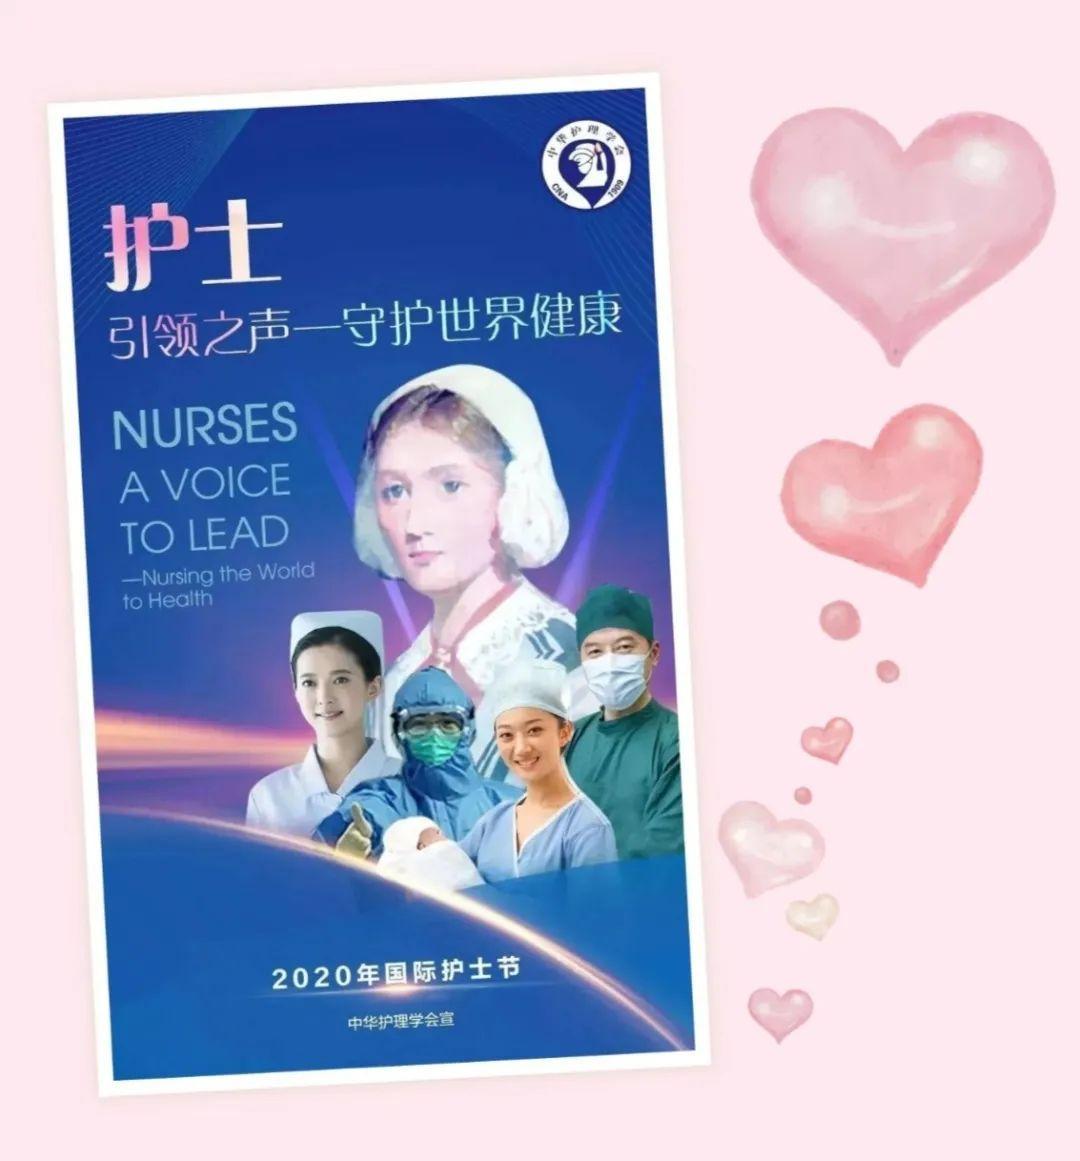 国际护士节,杭州全城亮屏!灯光秀、地铁、公交为他们点亮!